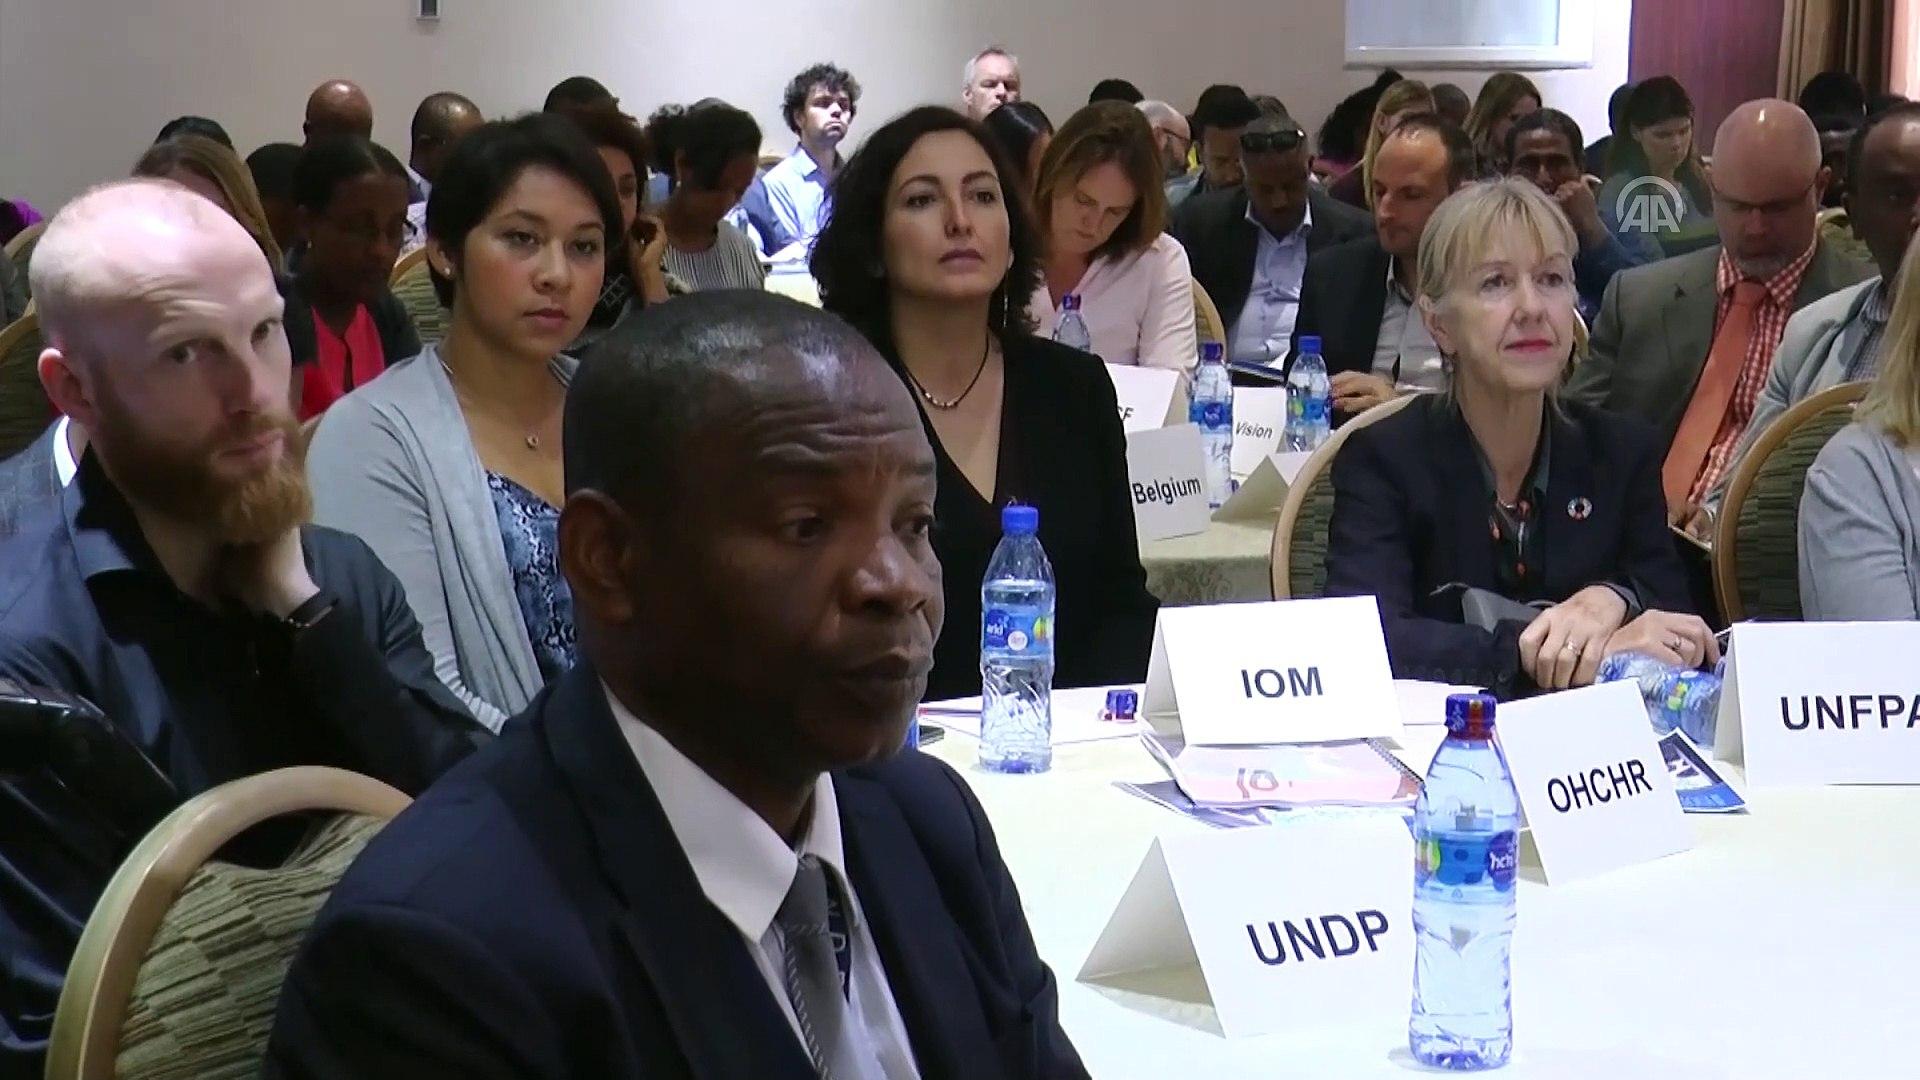 Etiyopya acil yardım için 1.3 milyar dolar çağrıda bulundu - ADDİS ABABA